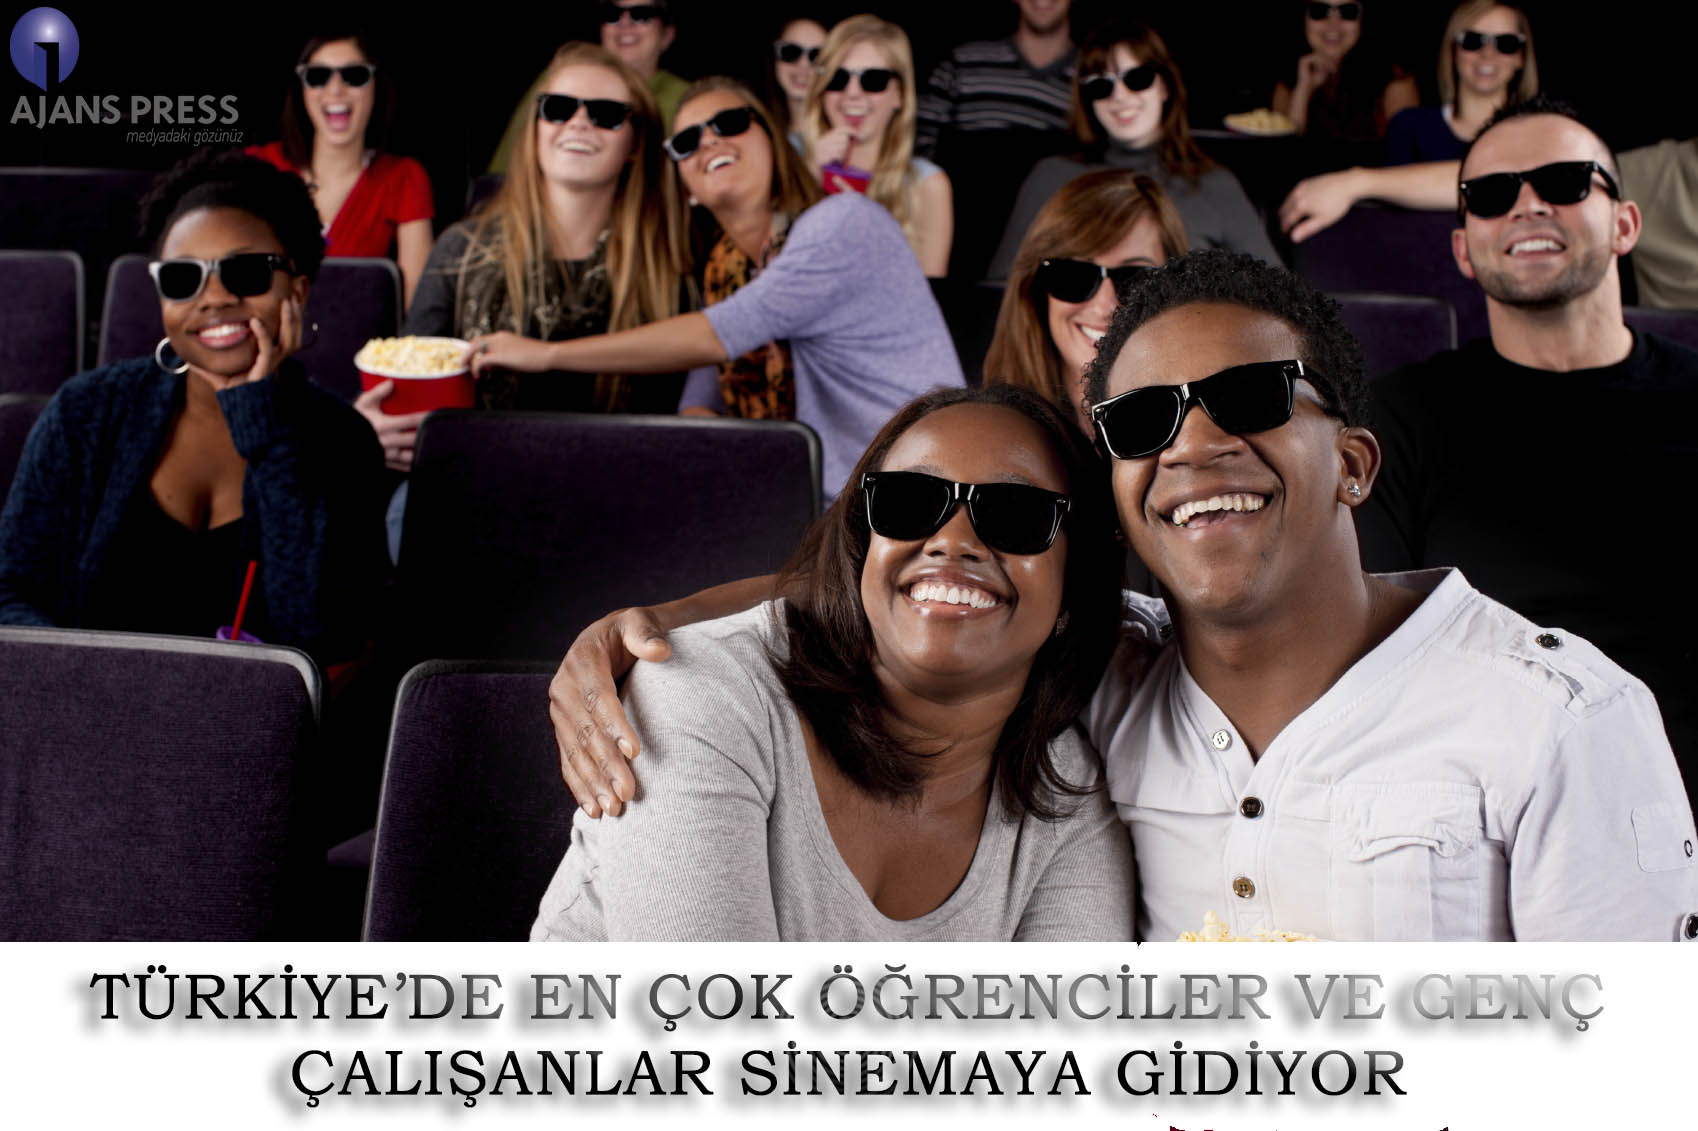 Türkiye'de en çok öğrenciler ve genç çalışanlar sinemaya gidiyor